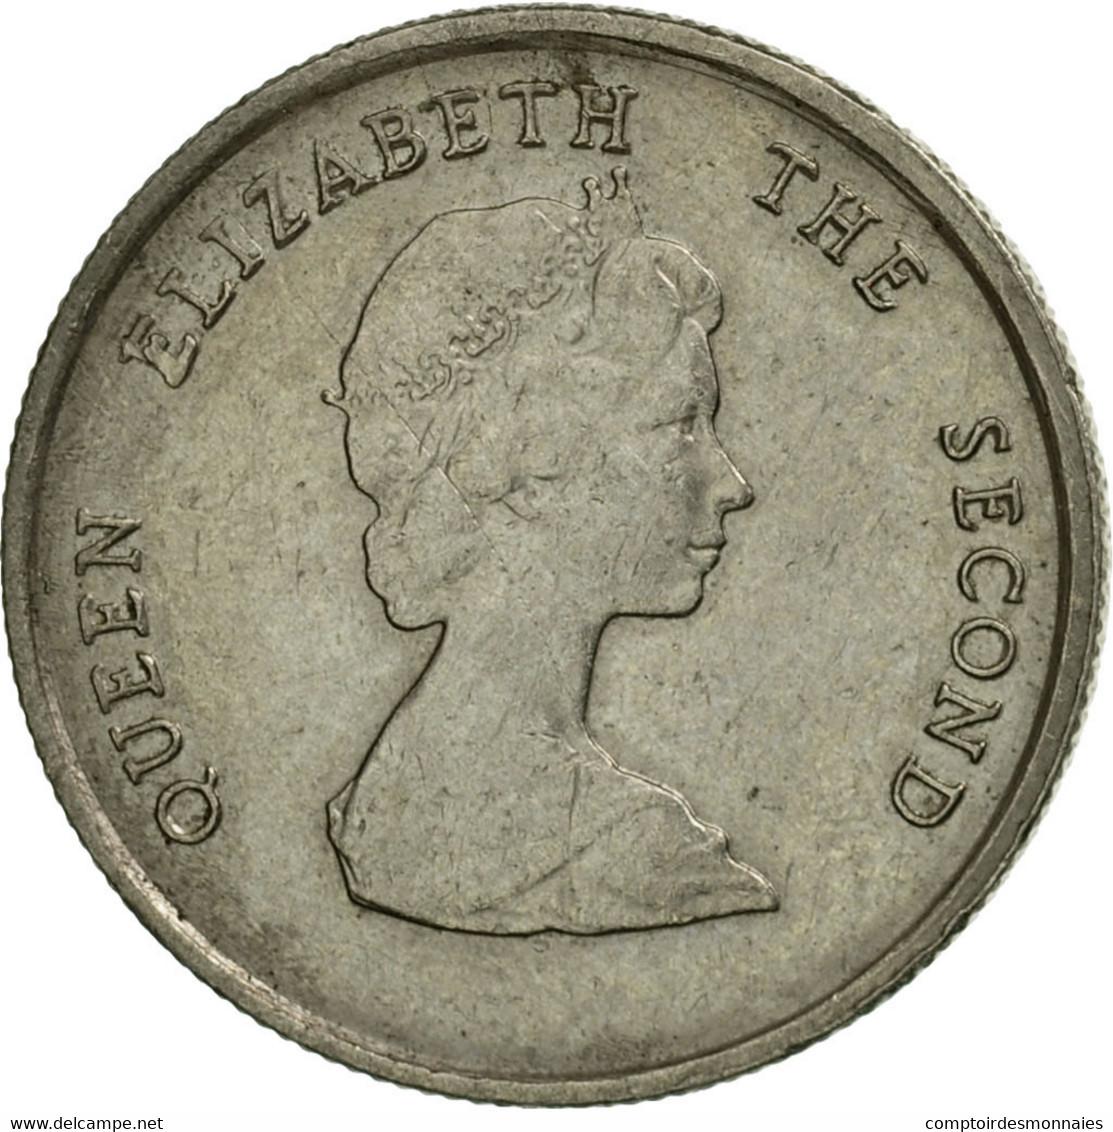 Monnaie, Etats Des Caraibes Orientales, Elizabeth II, 10 Cents, 1986, TTB - Caraïbes Orientales (Etats Des)